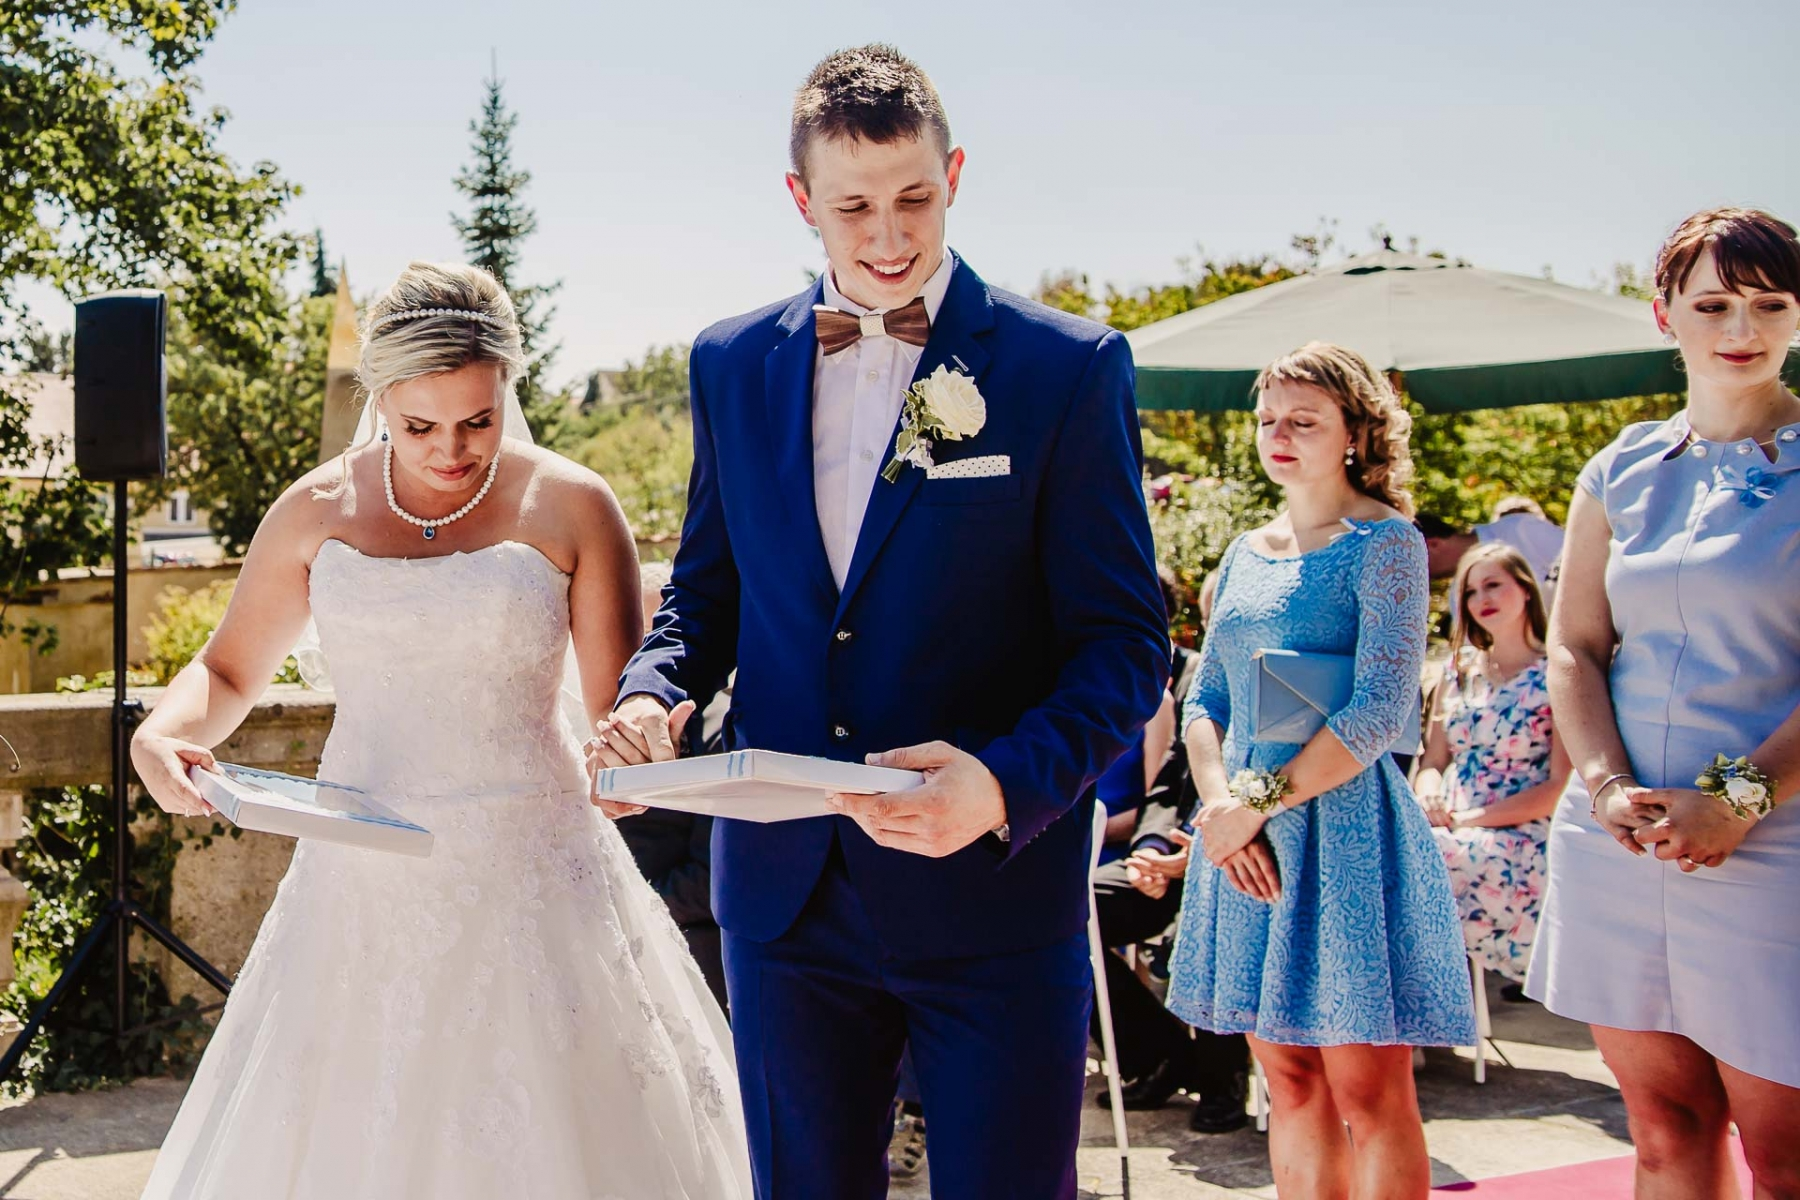 svatební fotograf zámek Mníšek pod Brdy, svatba na zámku, letní nejkrásnější zámecká svatba, Bára a Ondra-42